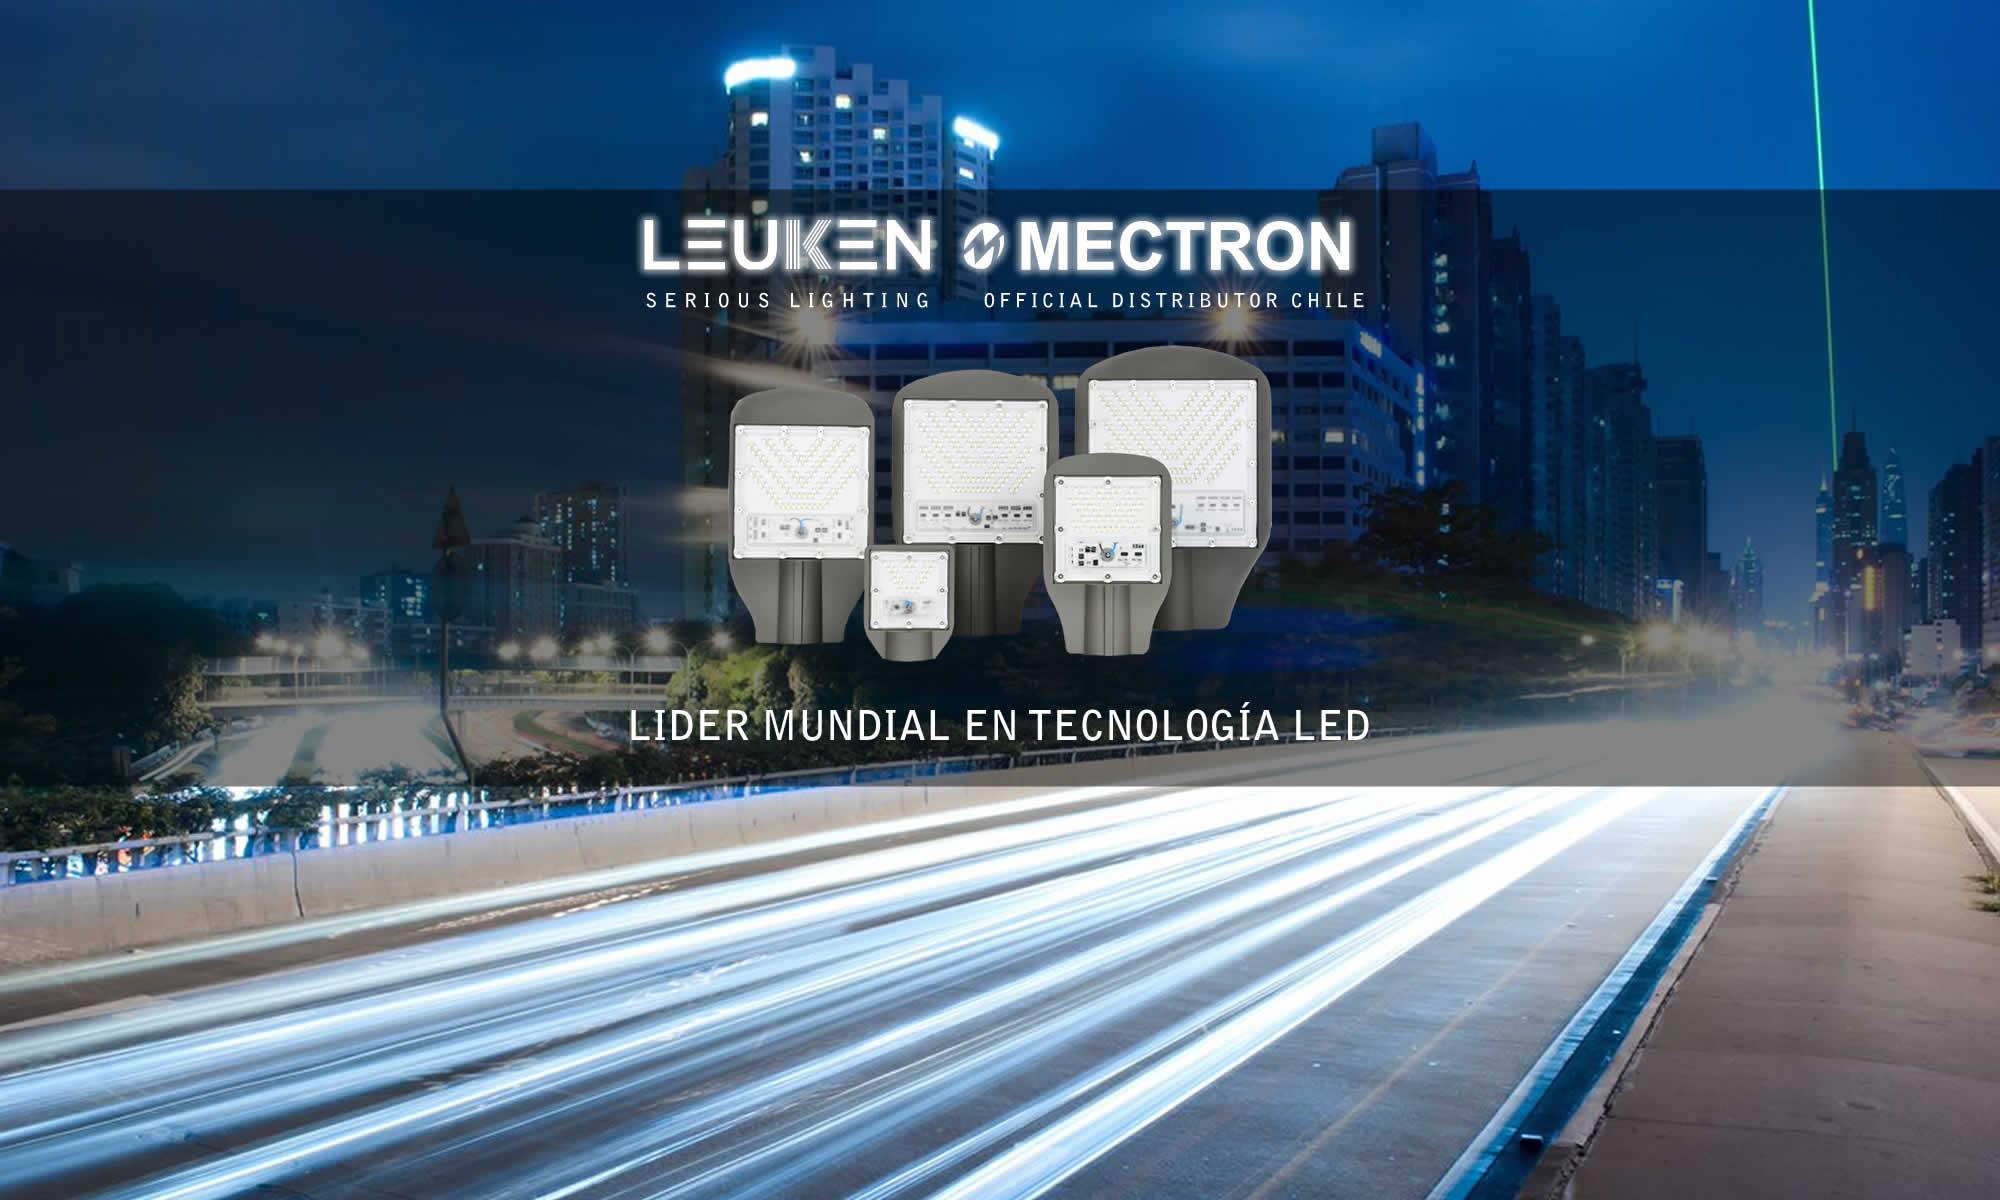 Leuken & Mectron